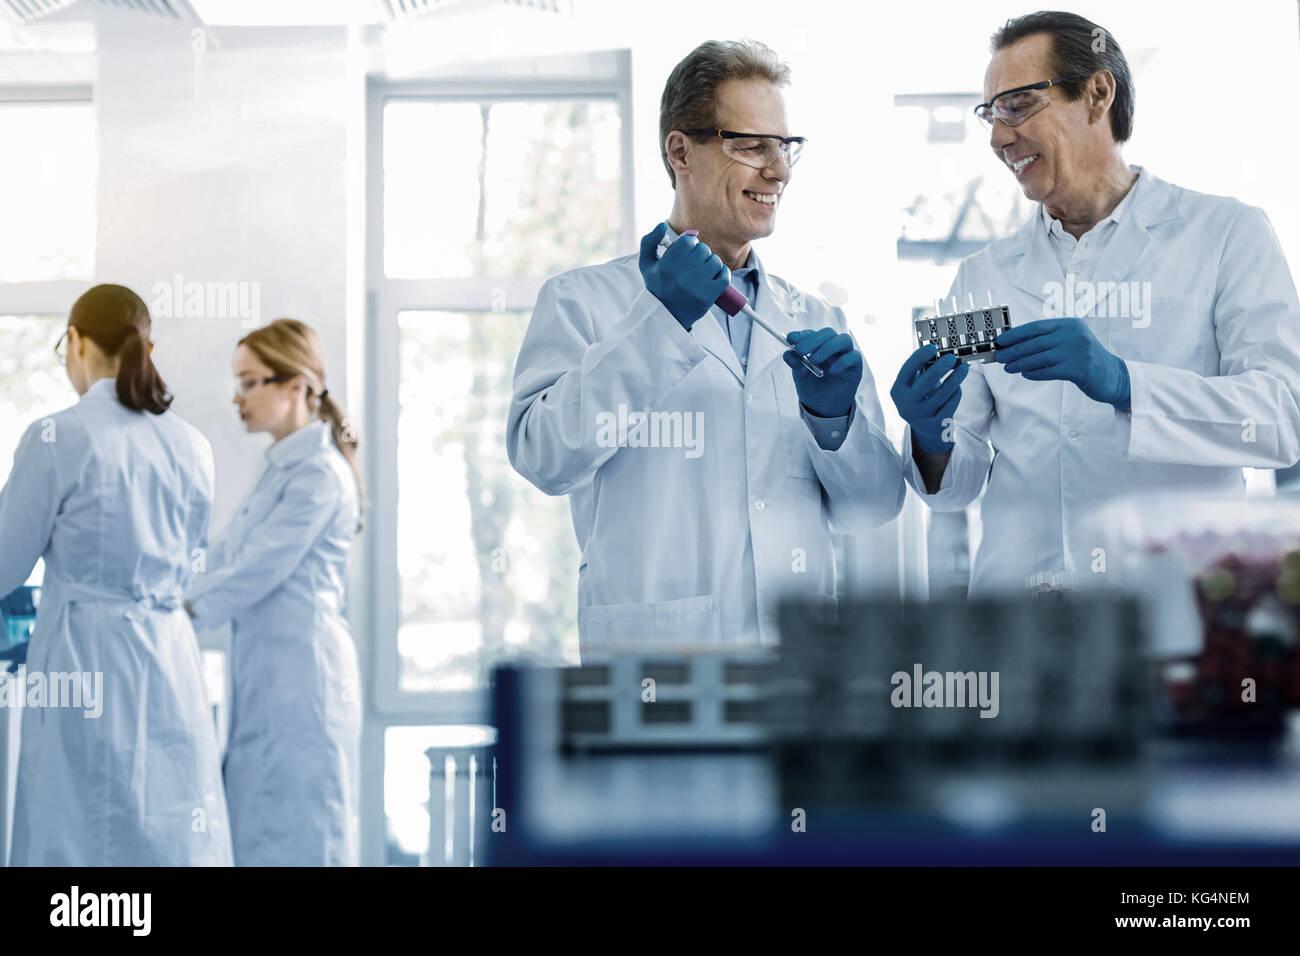 Joyful smart scientists working in team - Stock Image